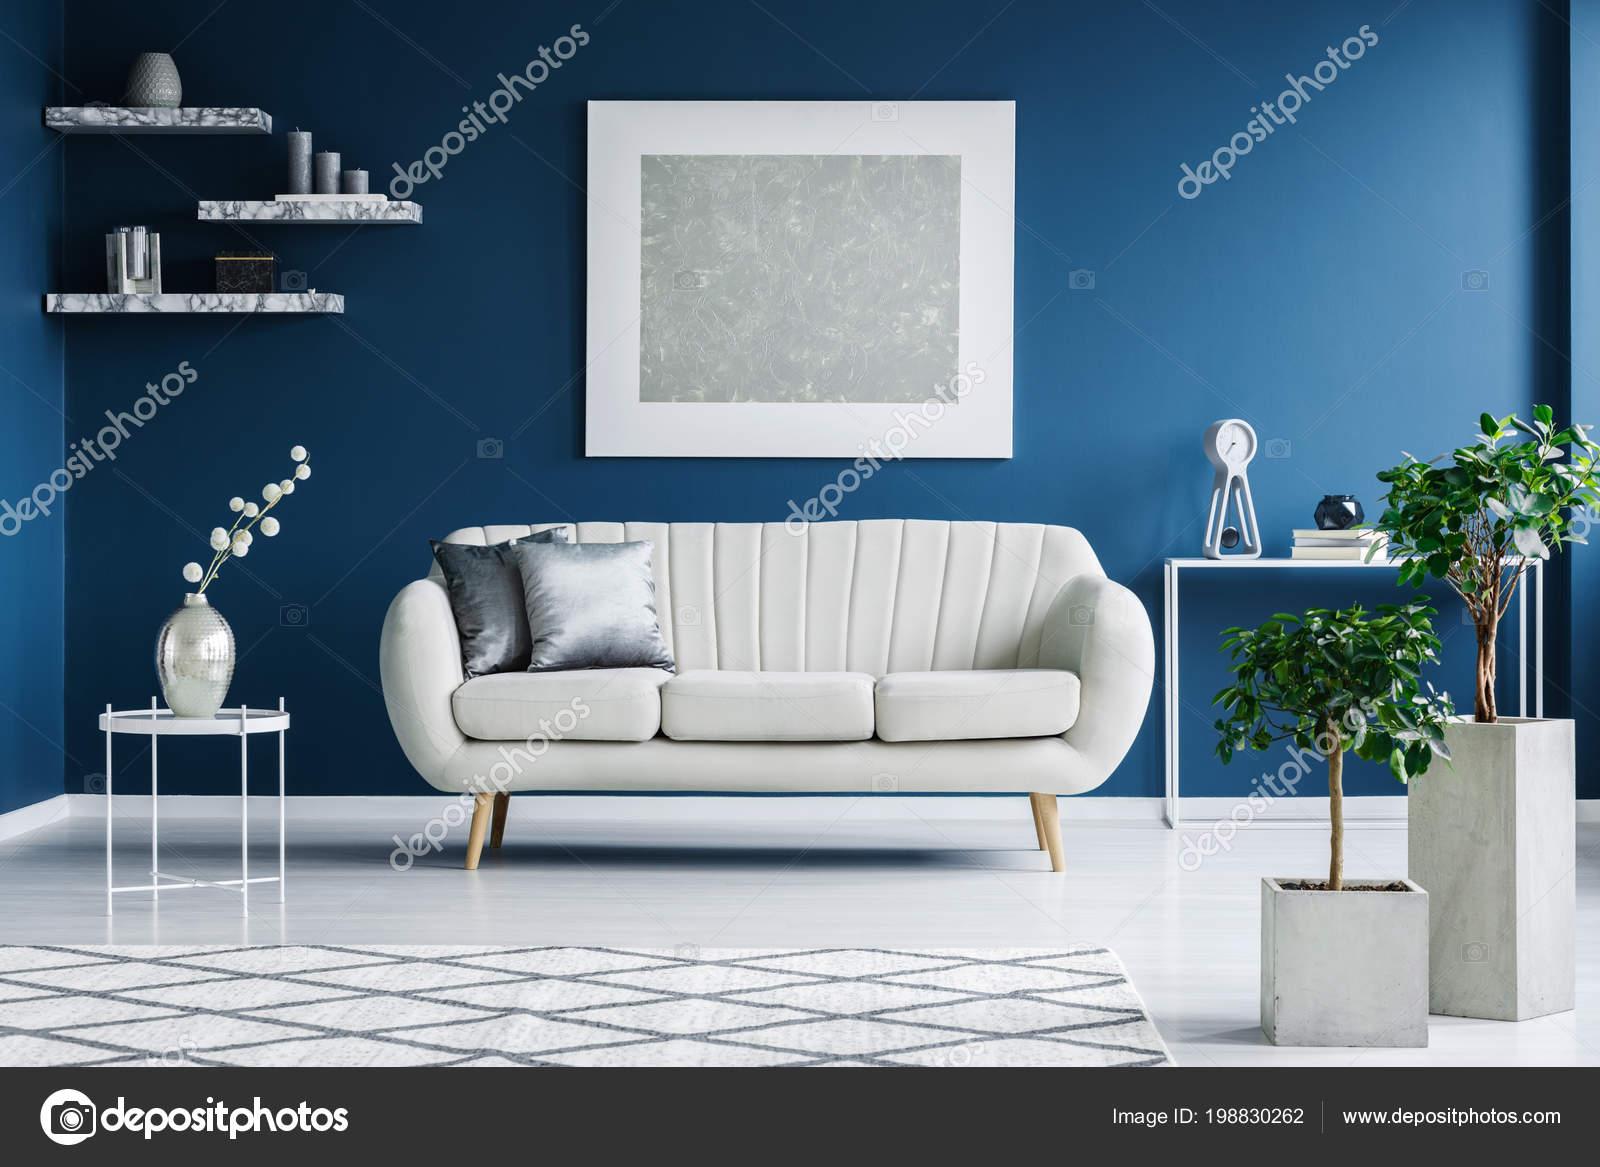 https://st4.depositphotos.com/2249091/19883/i/1600/depositphotos_198830262-stockafbeelding-wit-blauw-woonkamer-interieur-met.jpg